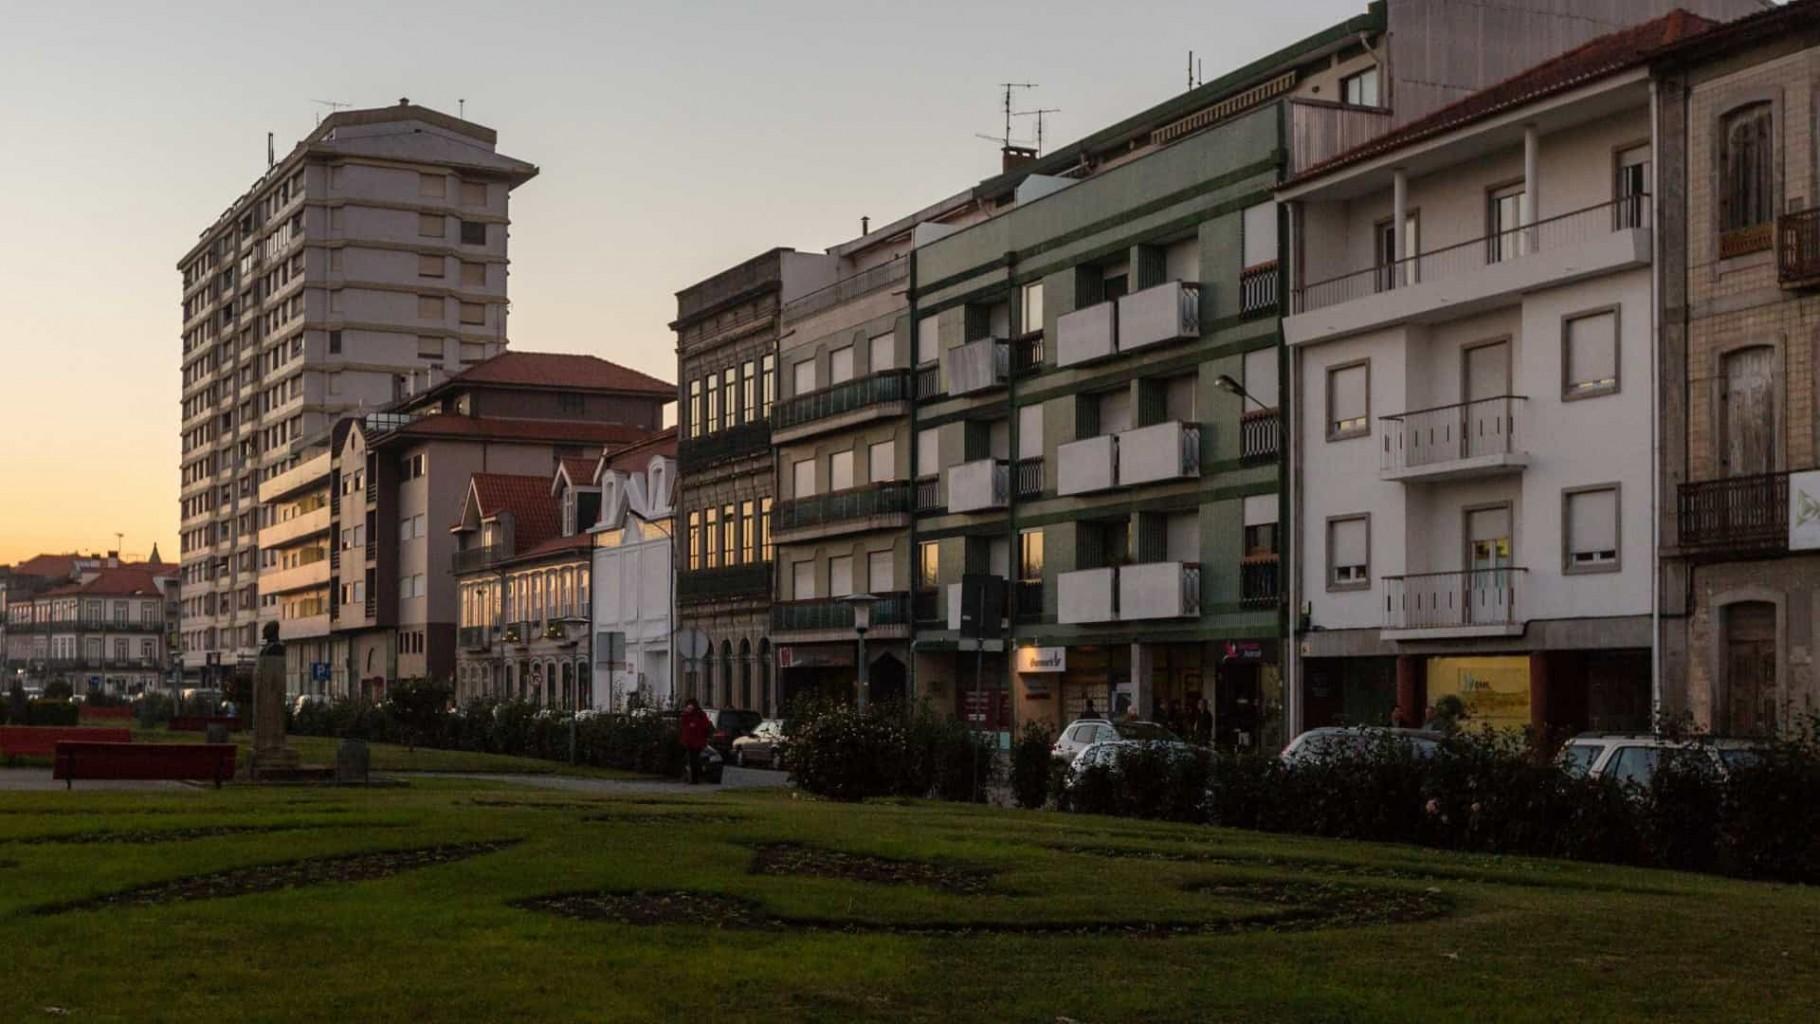 Últimos moradores do prédio Coutinho em Viana do Castelo ficam hoje sem gás